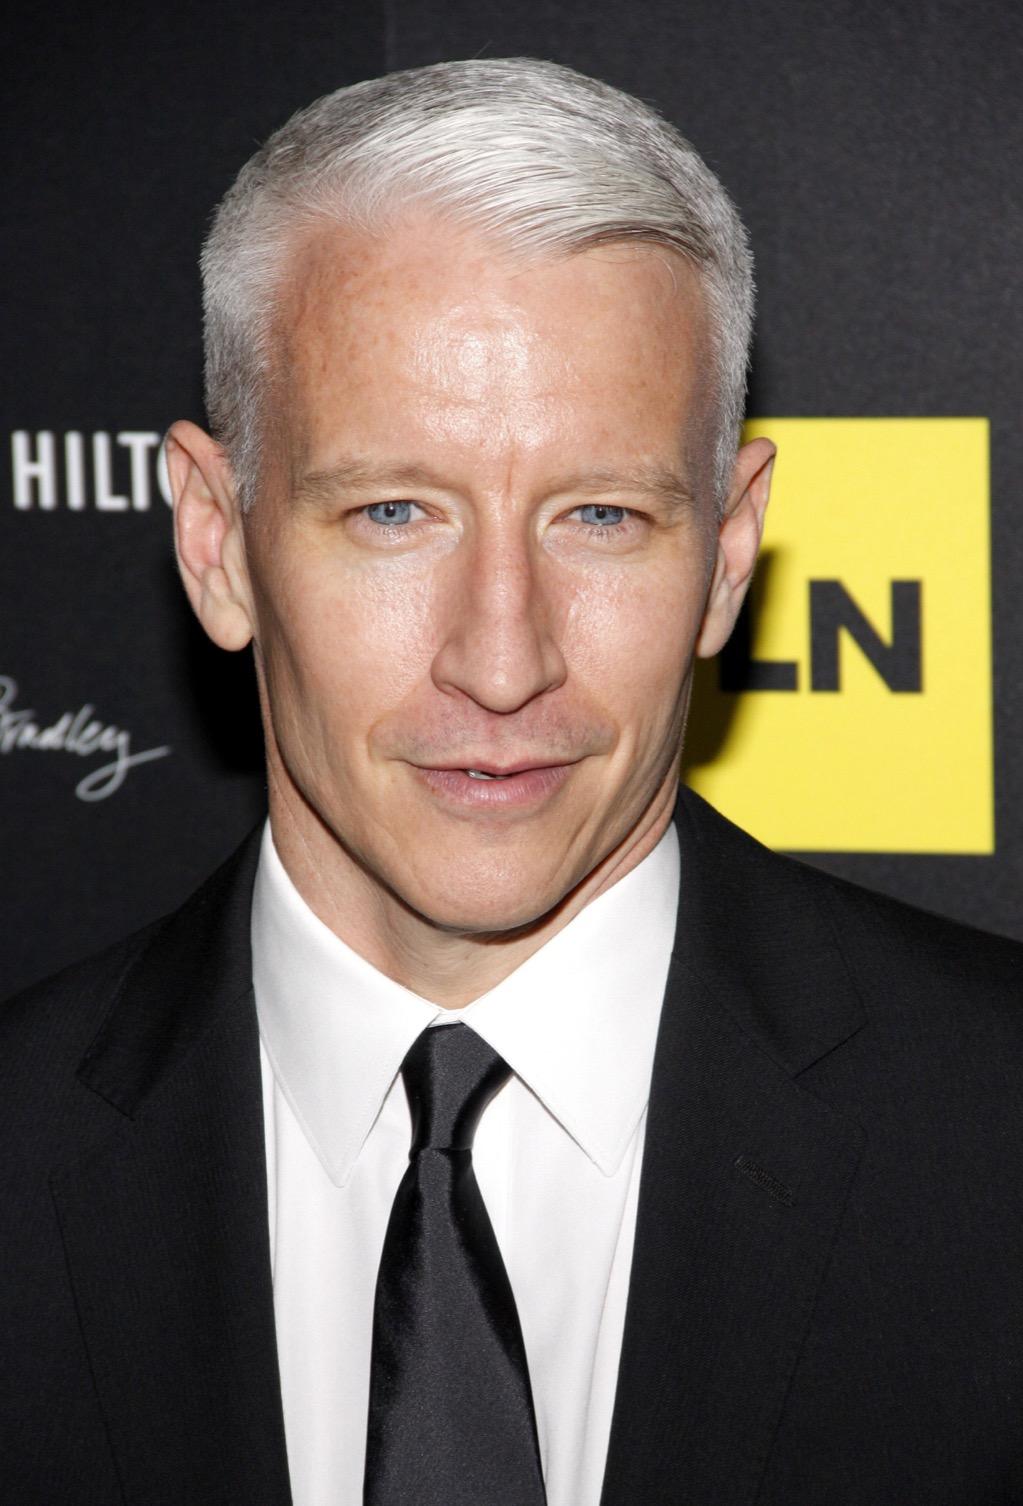 Anderson Cooper Ivy League Schools